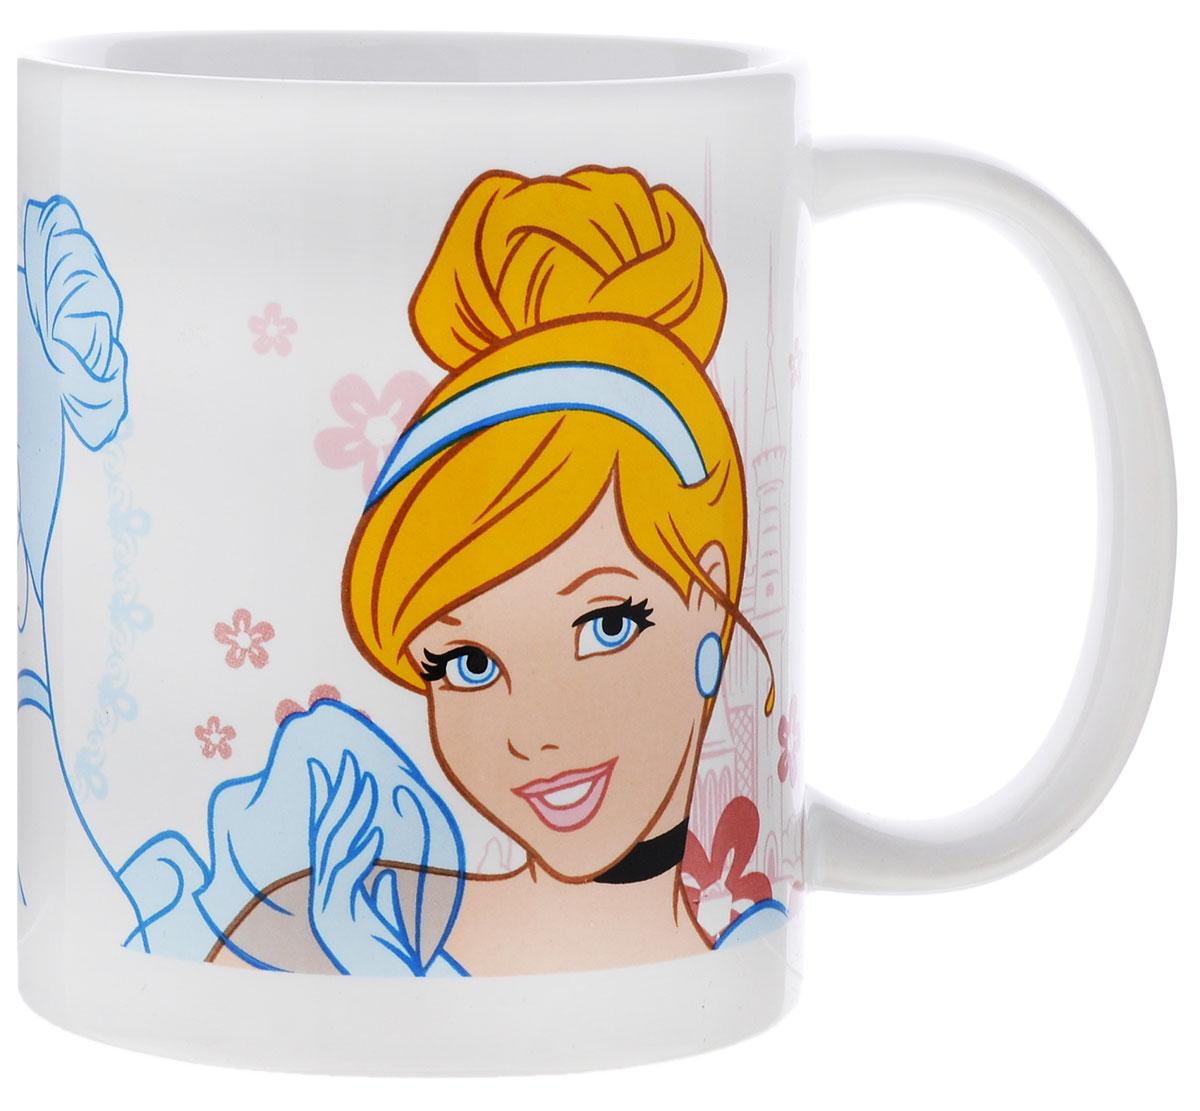 Stor Кружка детская Принцесса Золушка 325 мл10255049_бирюзовыйДетская кружка Stor Принцесса Золушка из серии Stor Disney Princess с любимой героиней станет отличным подарком для вашей малышки. Она выполнена из керамики и оформлена изображением диснеевской принцессы Золушки. Кружка дополнена удобной ручкой. Такой подарок станет не только приятным, но и практичным сувениром: кружка будет незаменимым атрибутом чаепития, а оригинальное оформление кружки добавит ярких эмоций и хорошего настроения.Можно использовать в СВЧ-печи и посудомоечной машине.